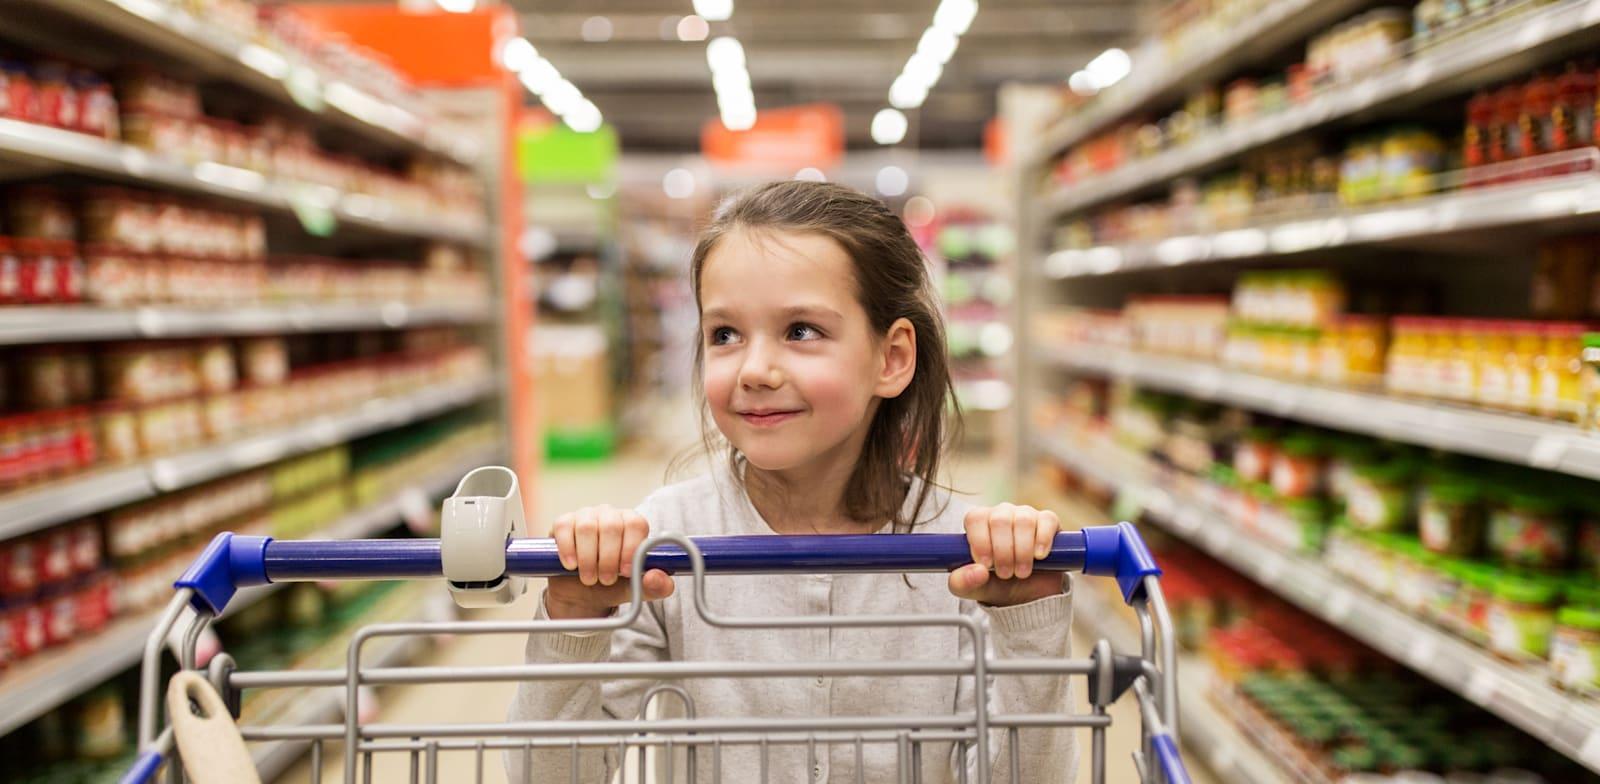 איך הולכים לקניות בסופר עם הילדים / צילום: Shutterstock, Syda Productions